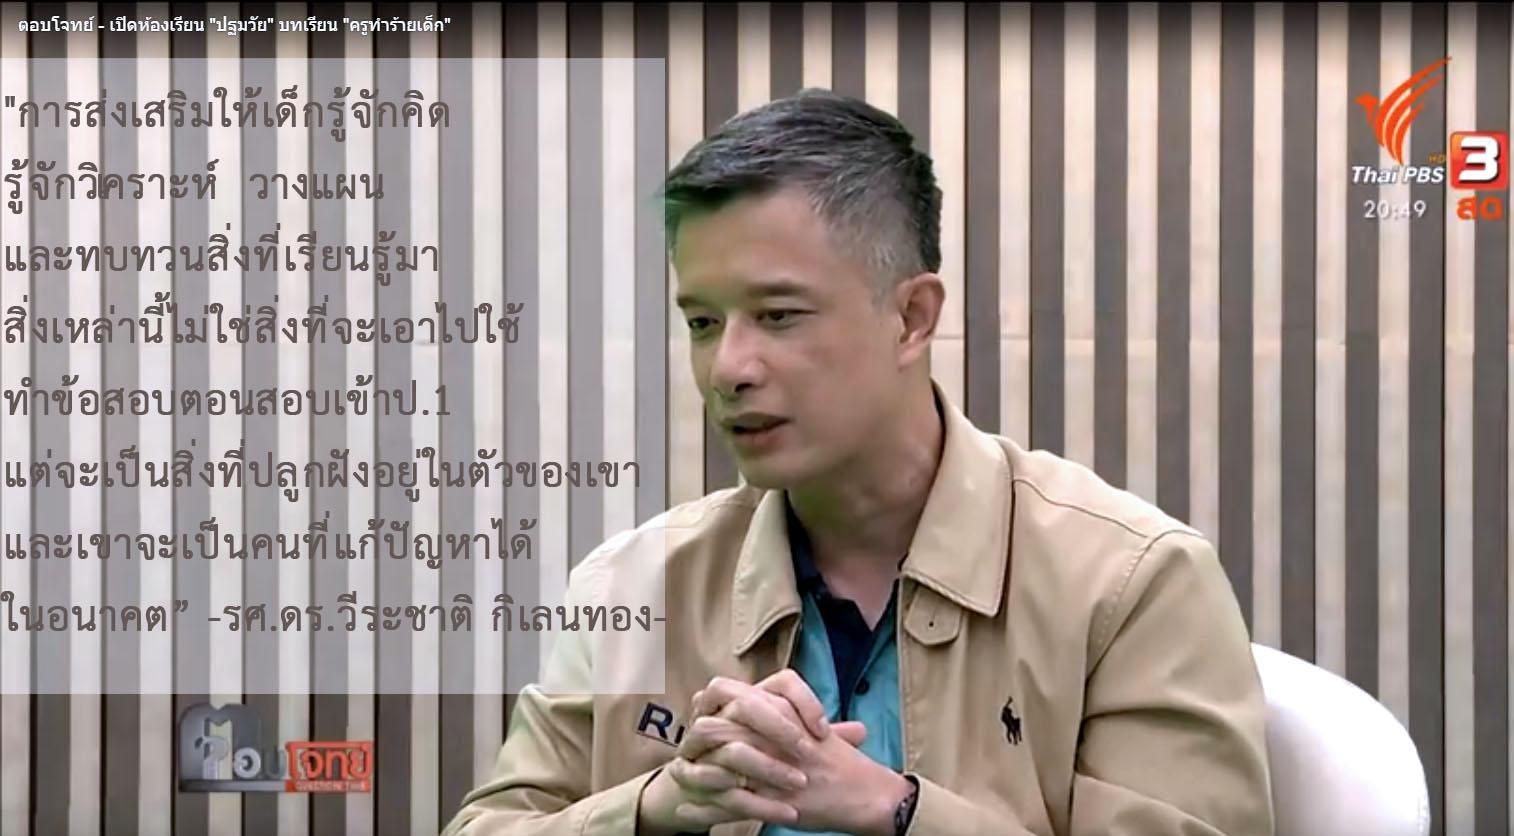 泰国商会大学学前教育学院院长接受Thai PBS电视台采访